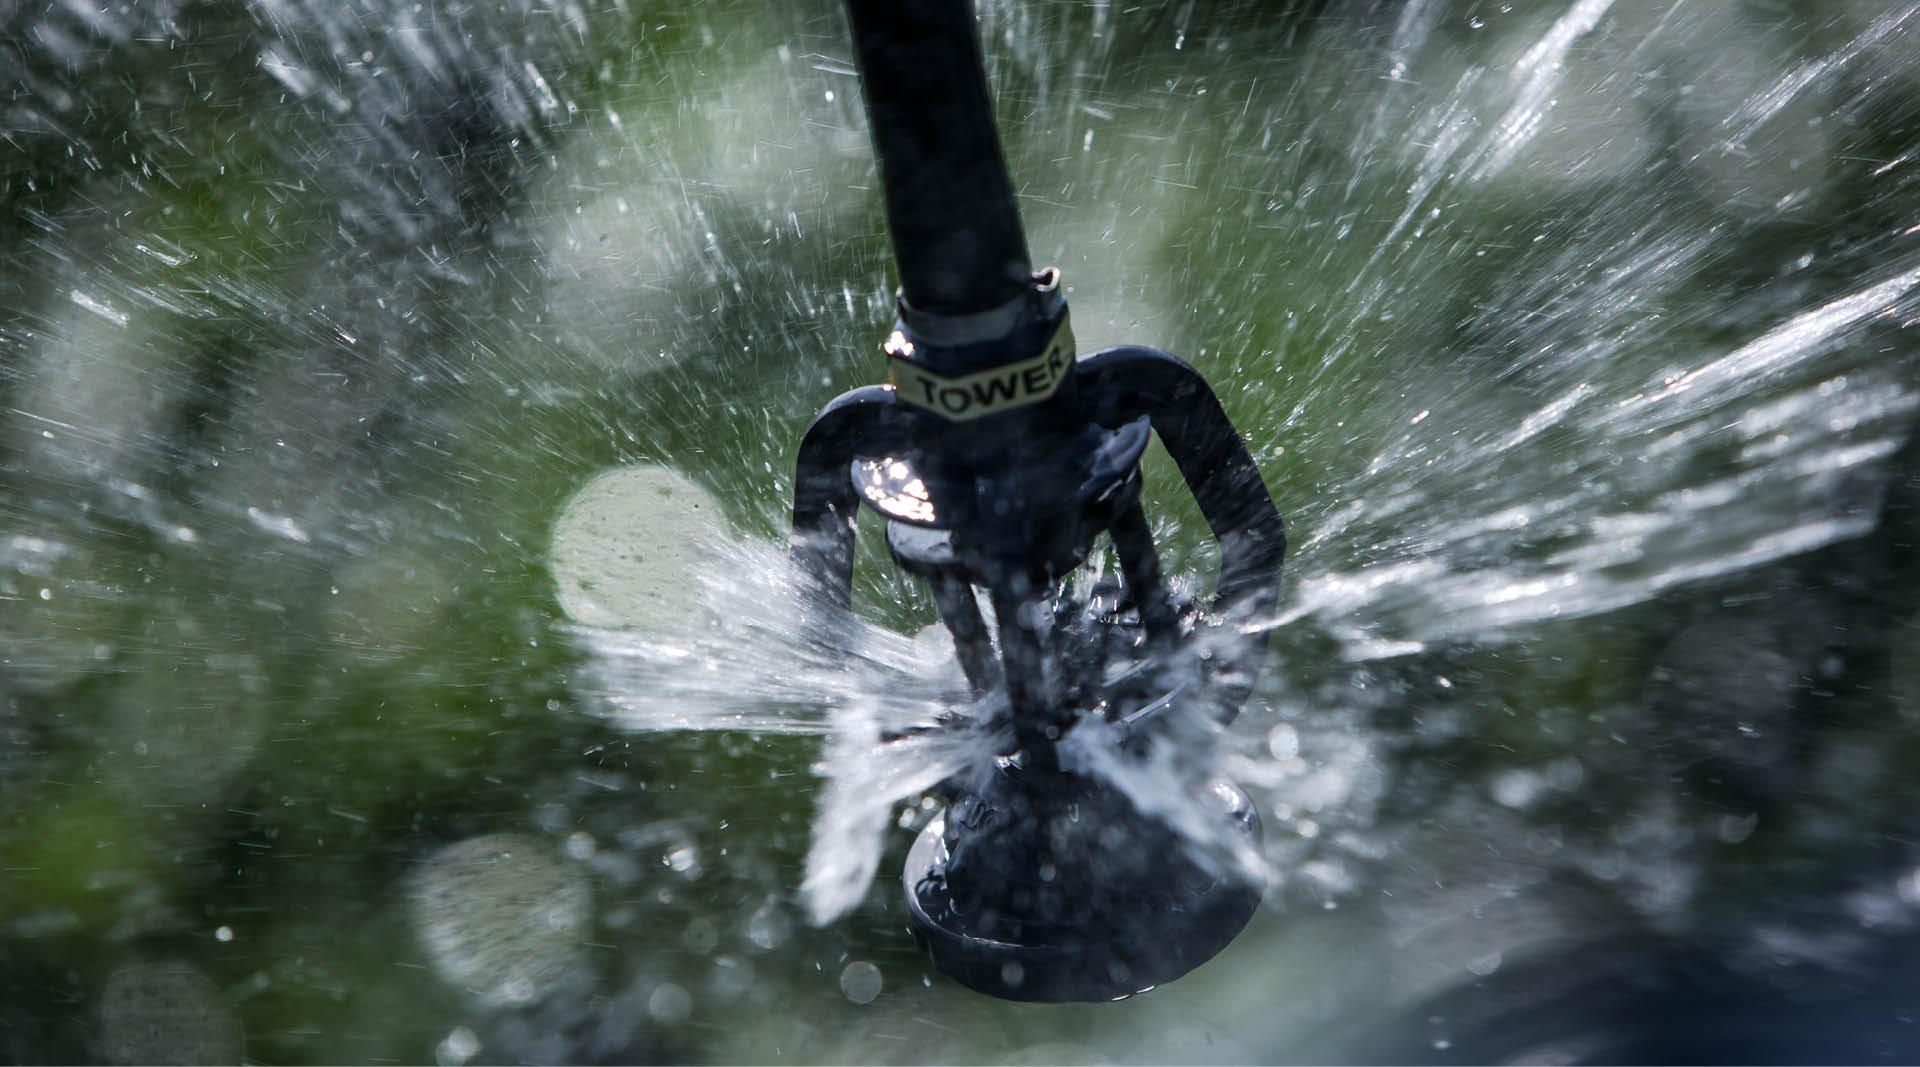 sprinkler-close-up